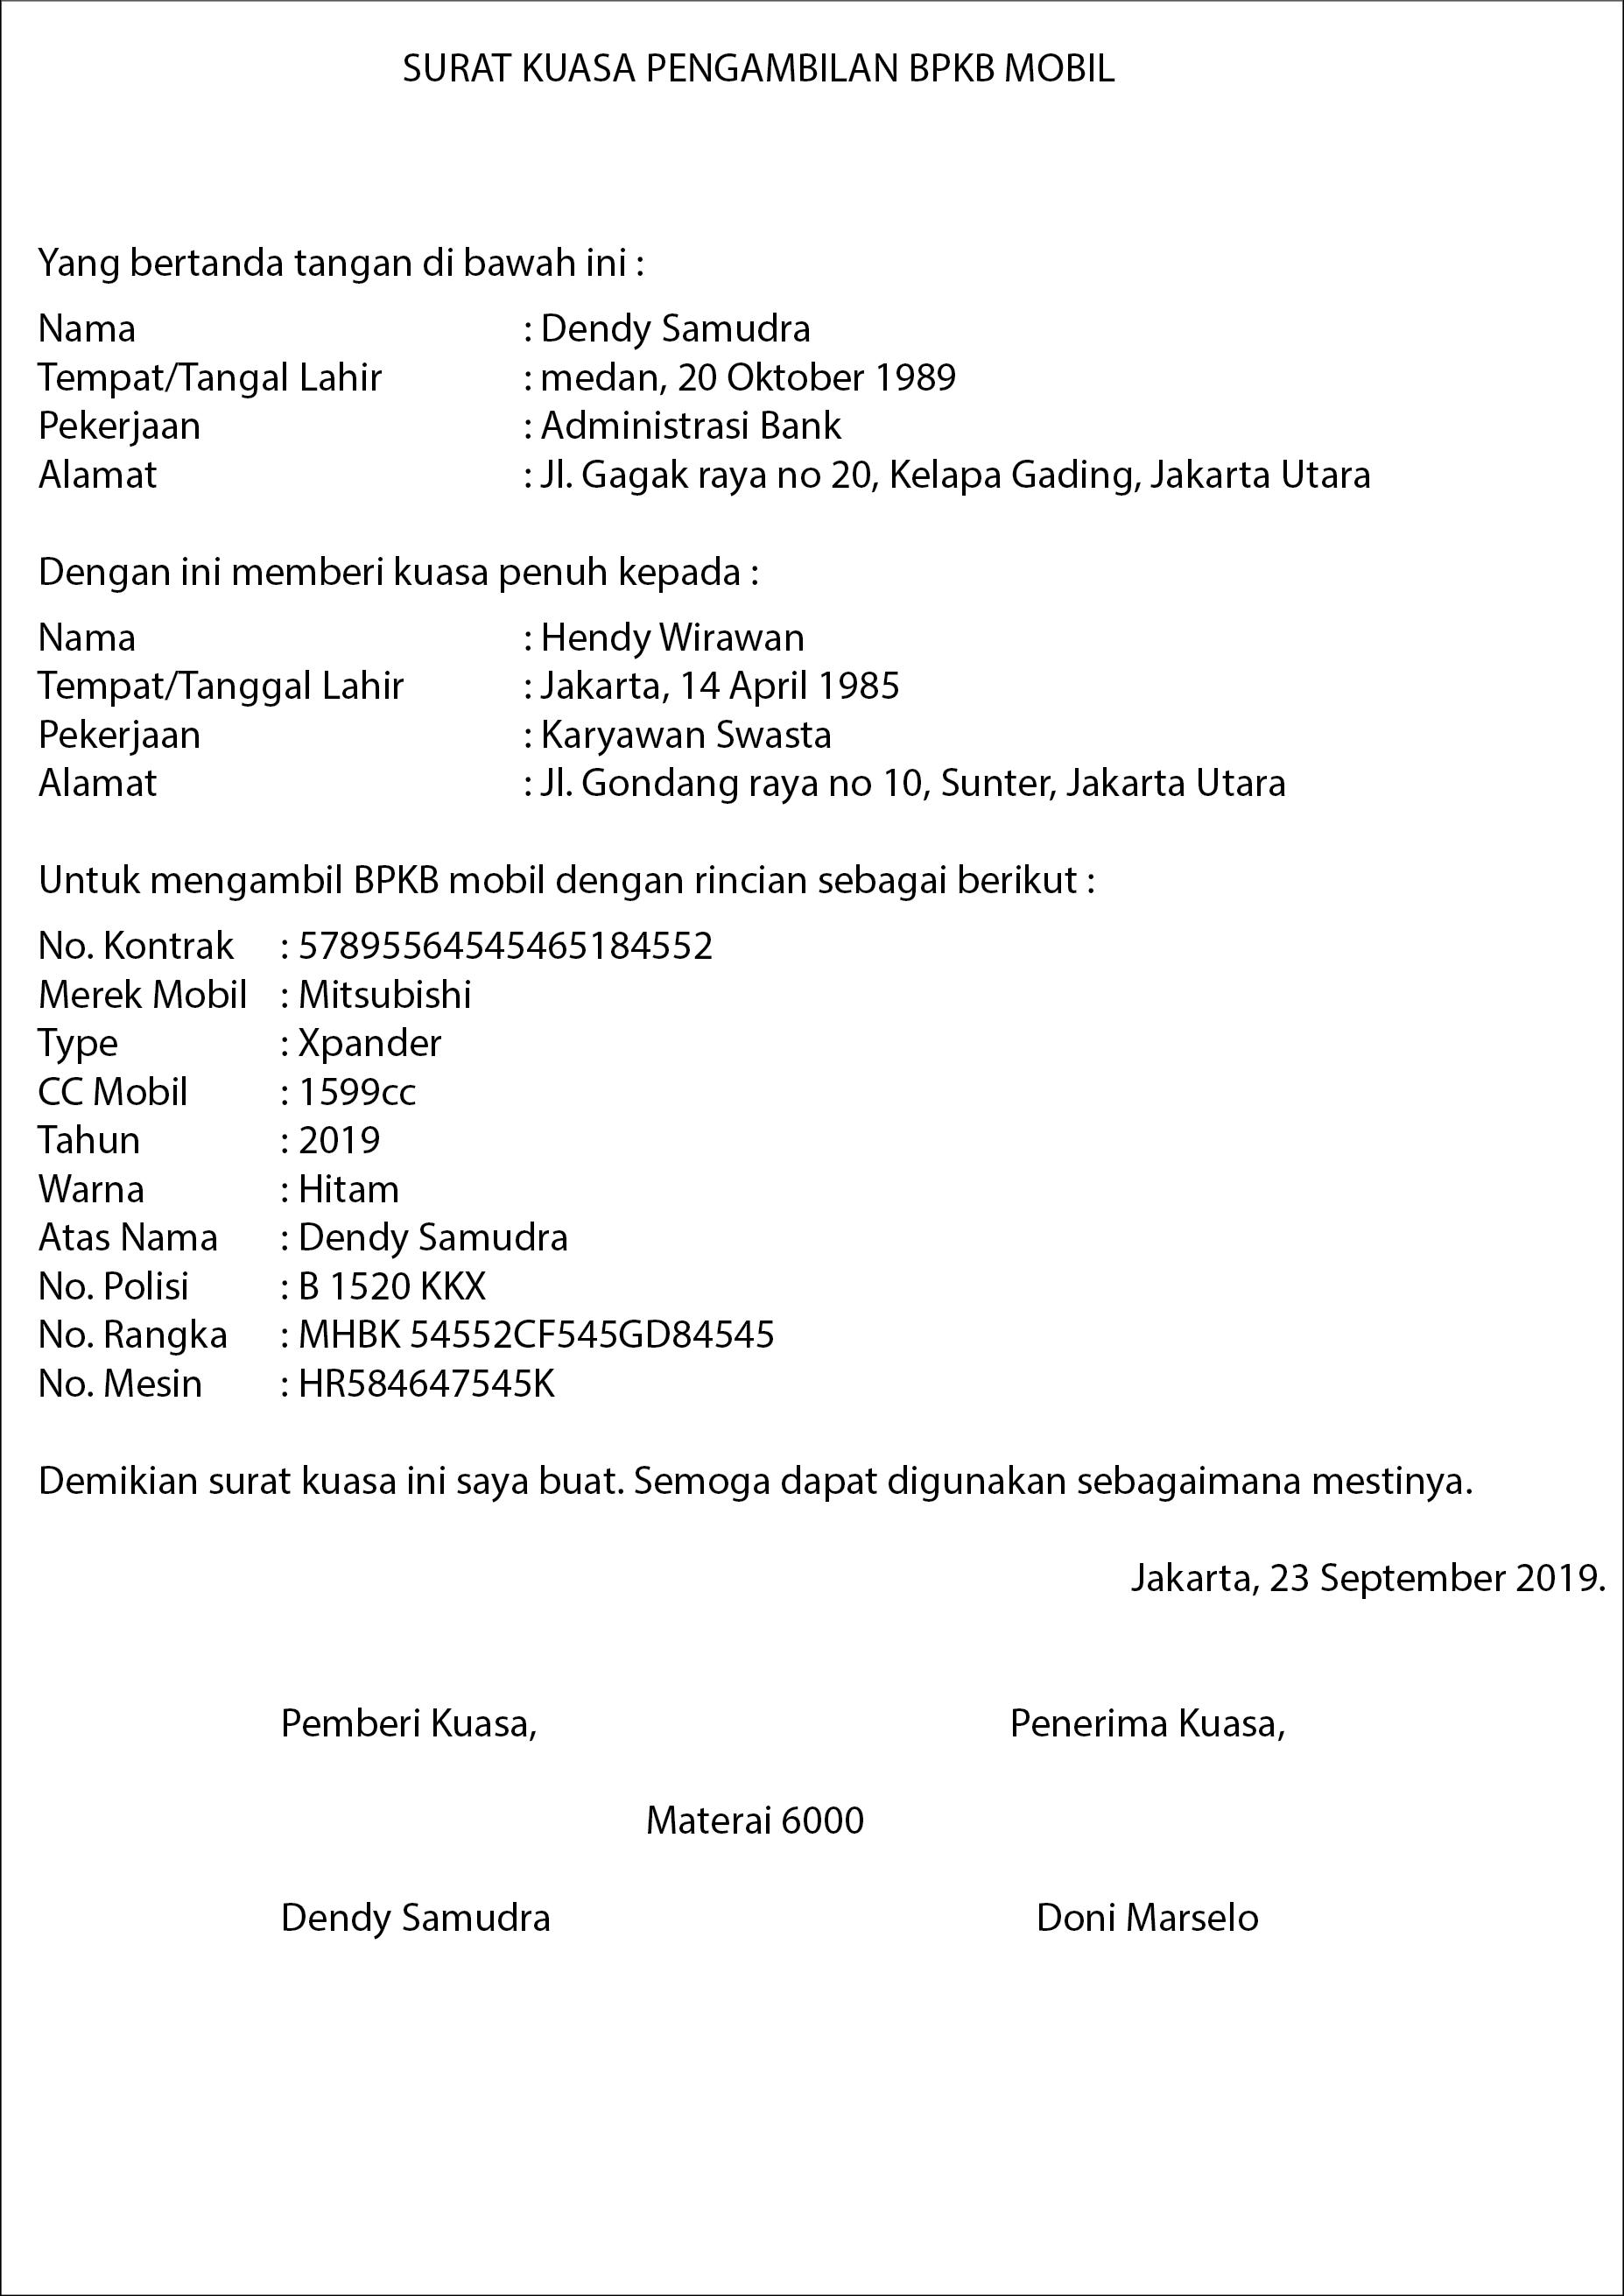 Contoh Surat Kuasa Pengambilan BPKB OTR.id